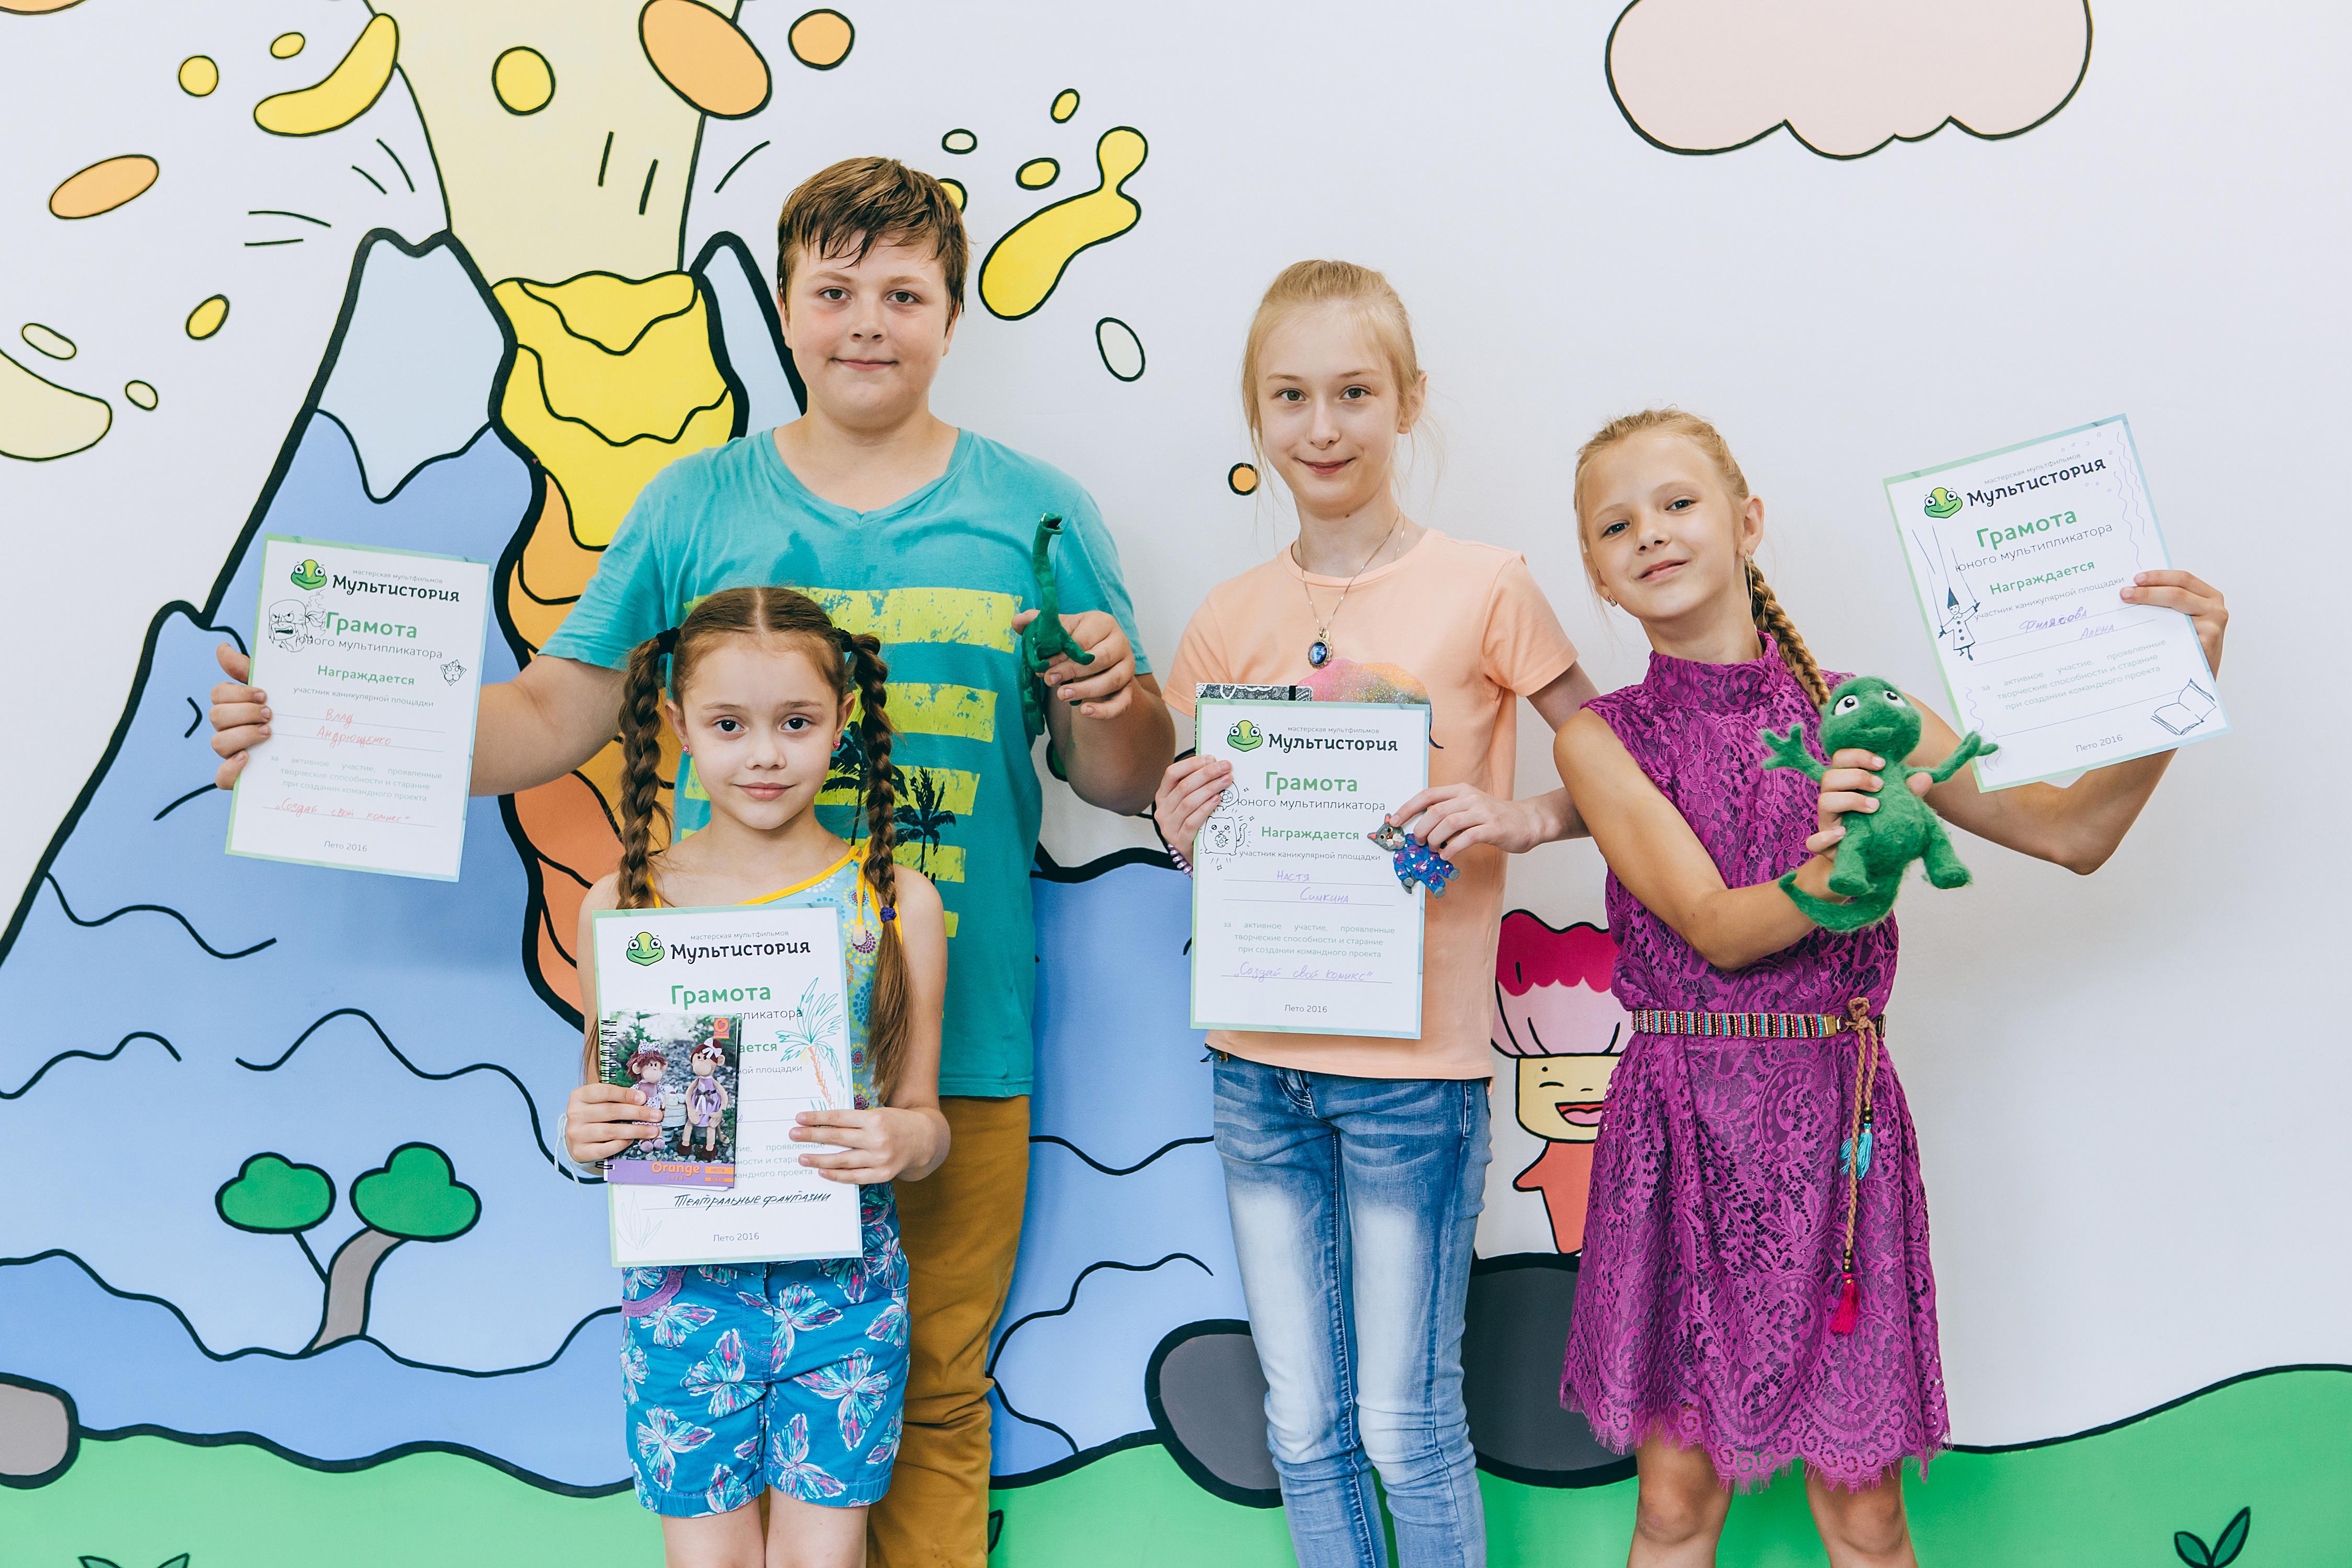 мультистория в Калининграде - 1